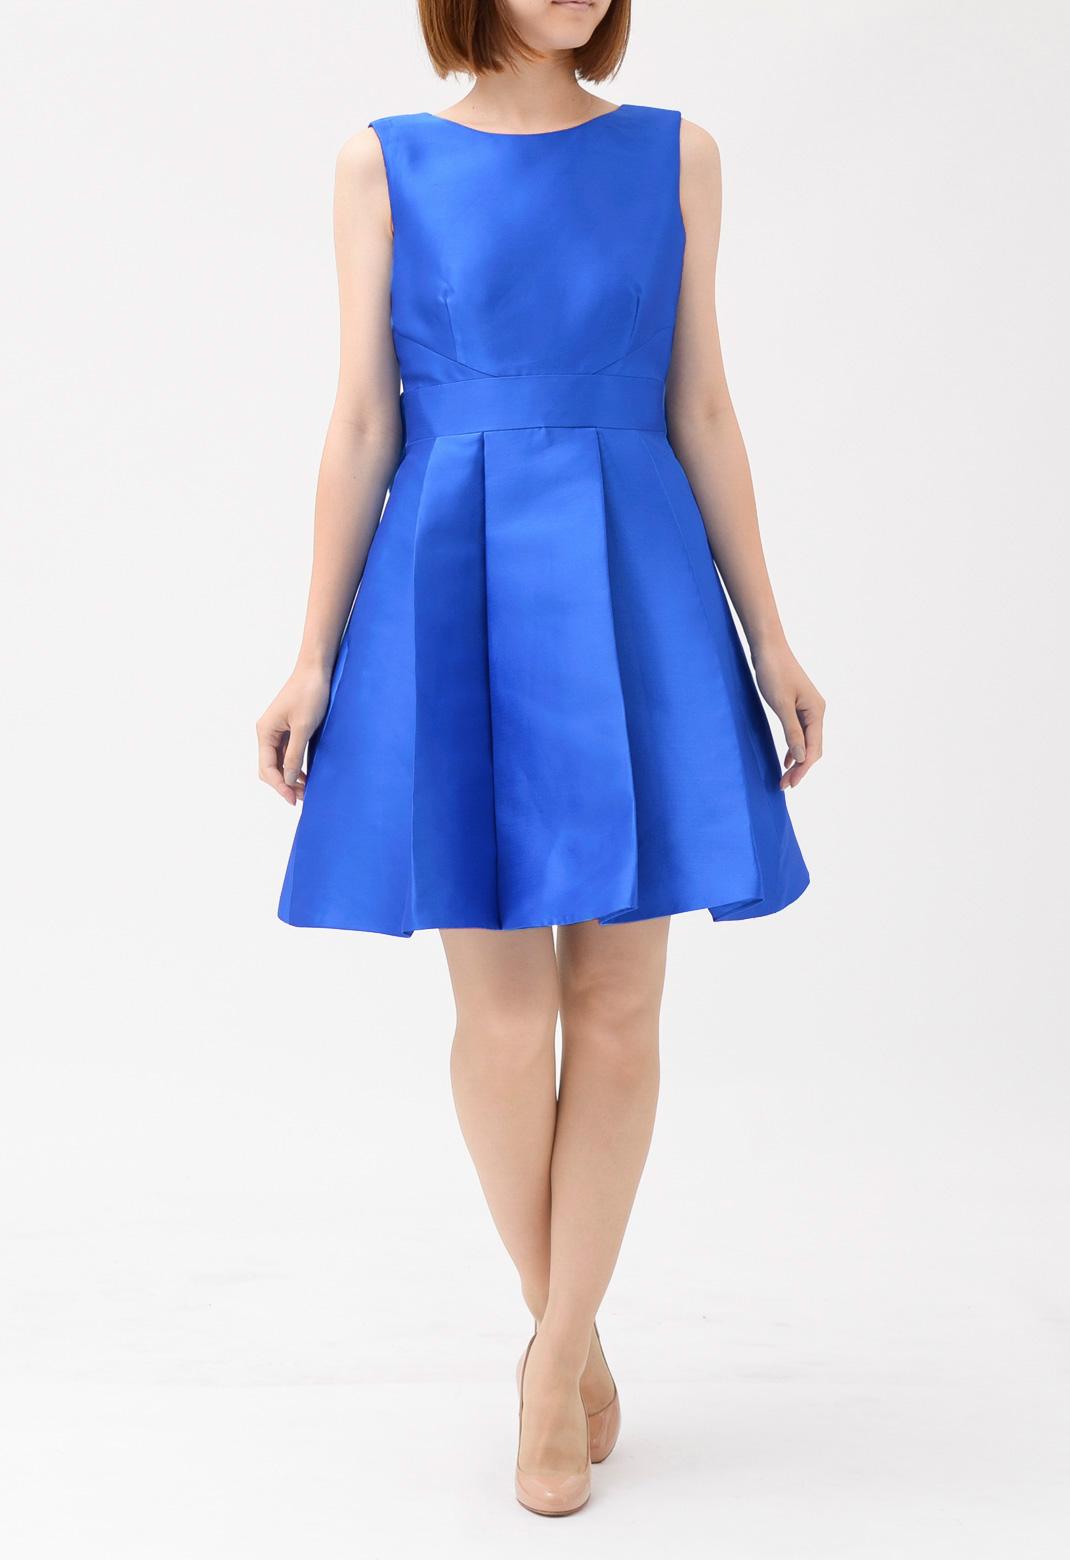 ケイトスペード バックオープン リボン飾り ノースリーブ ドレス